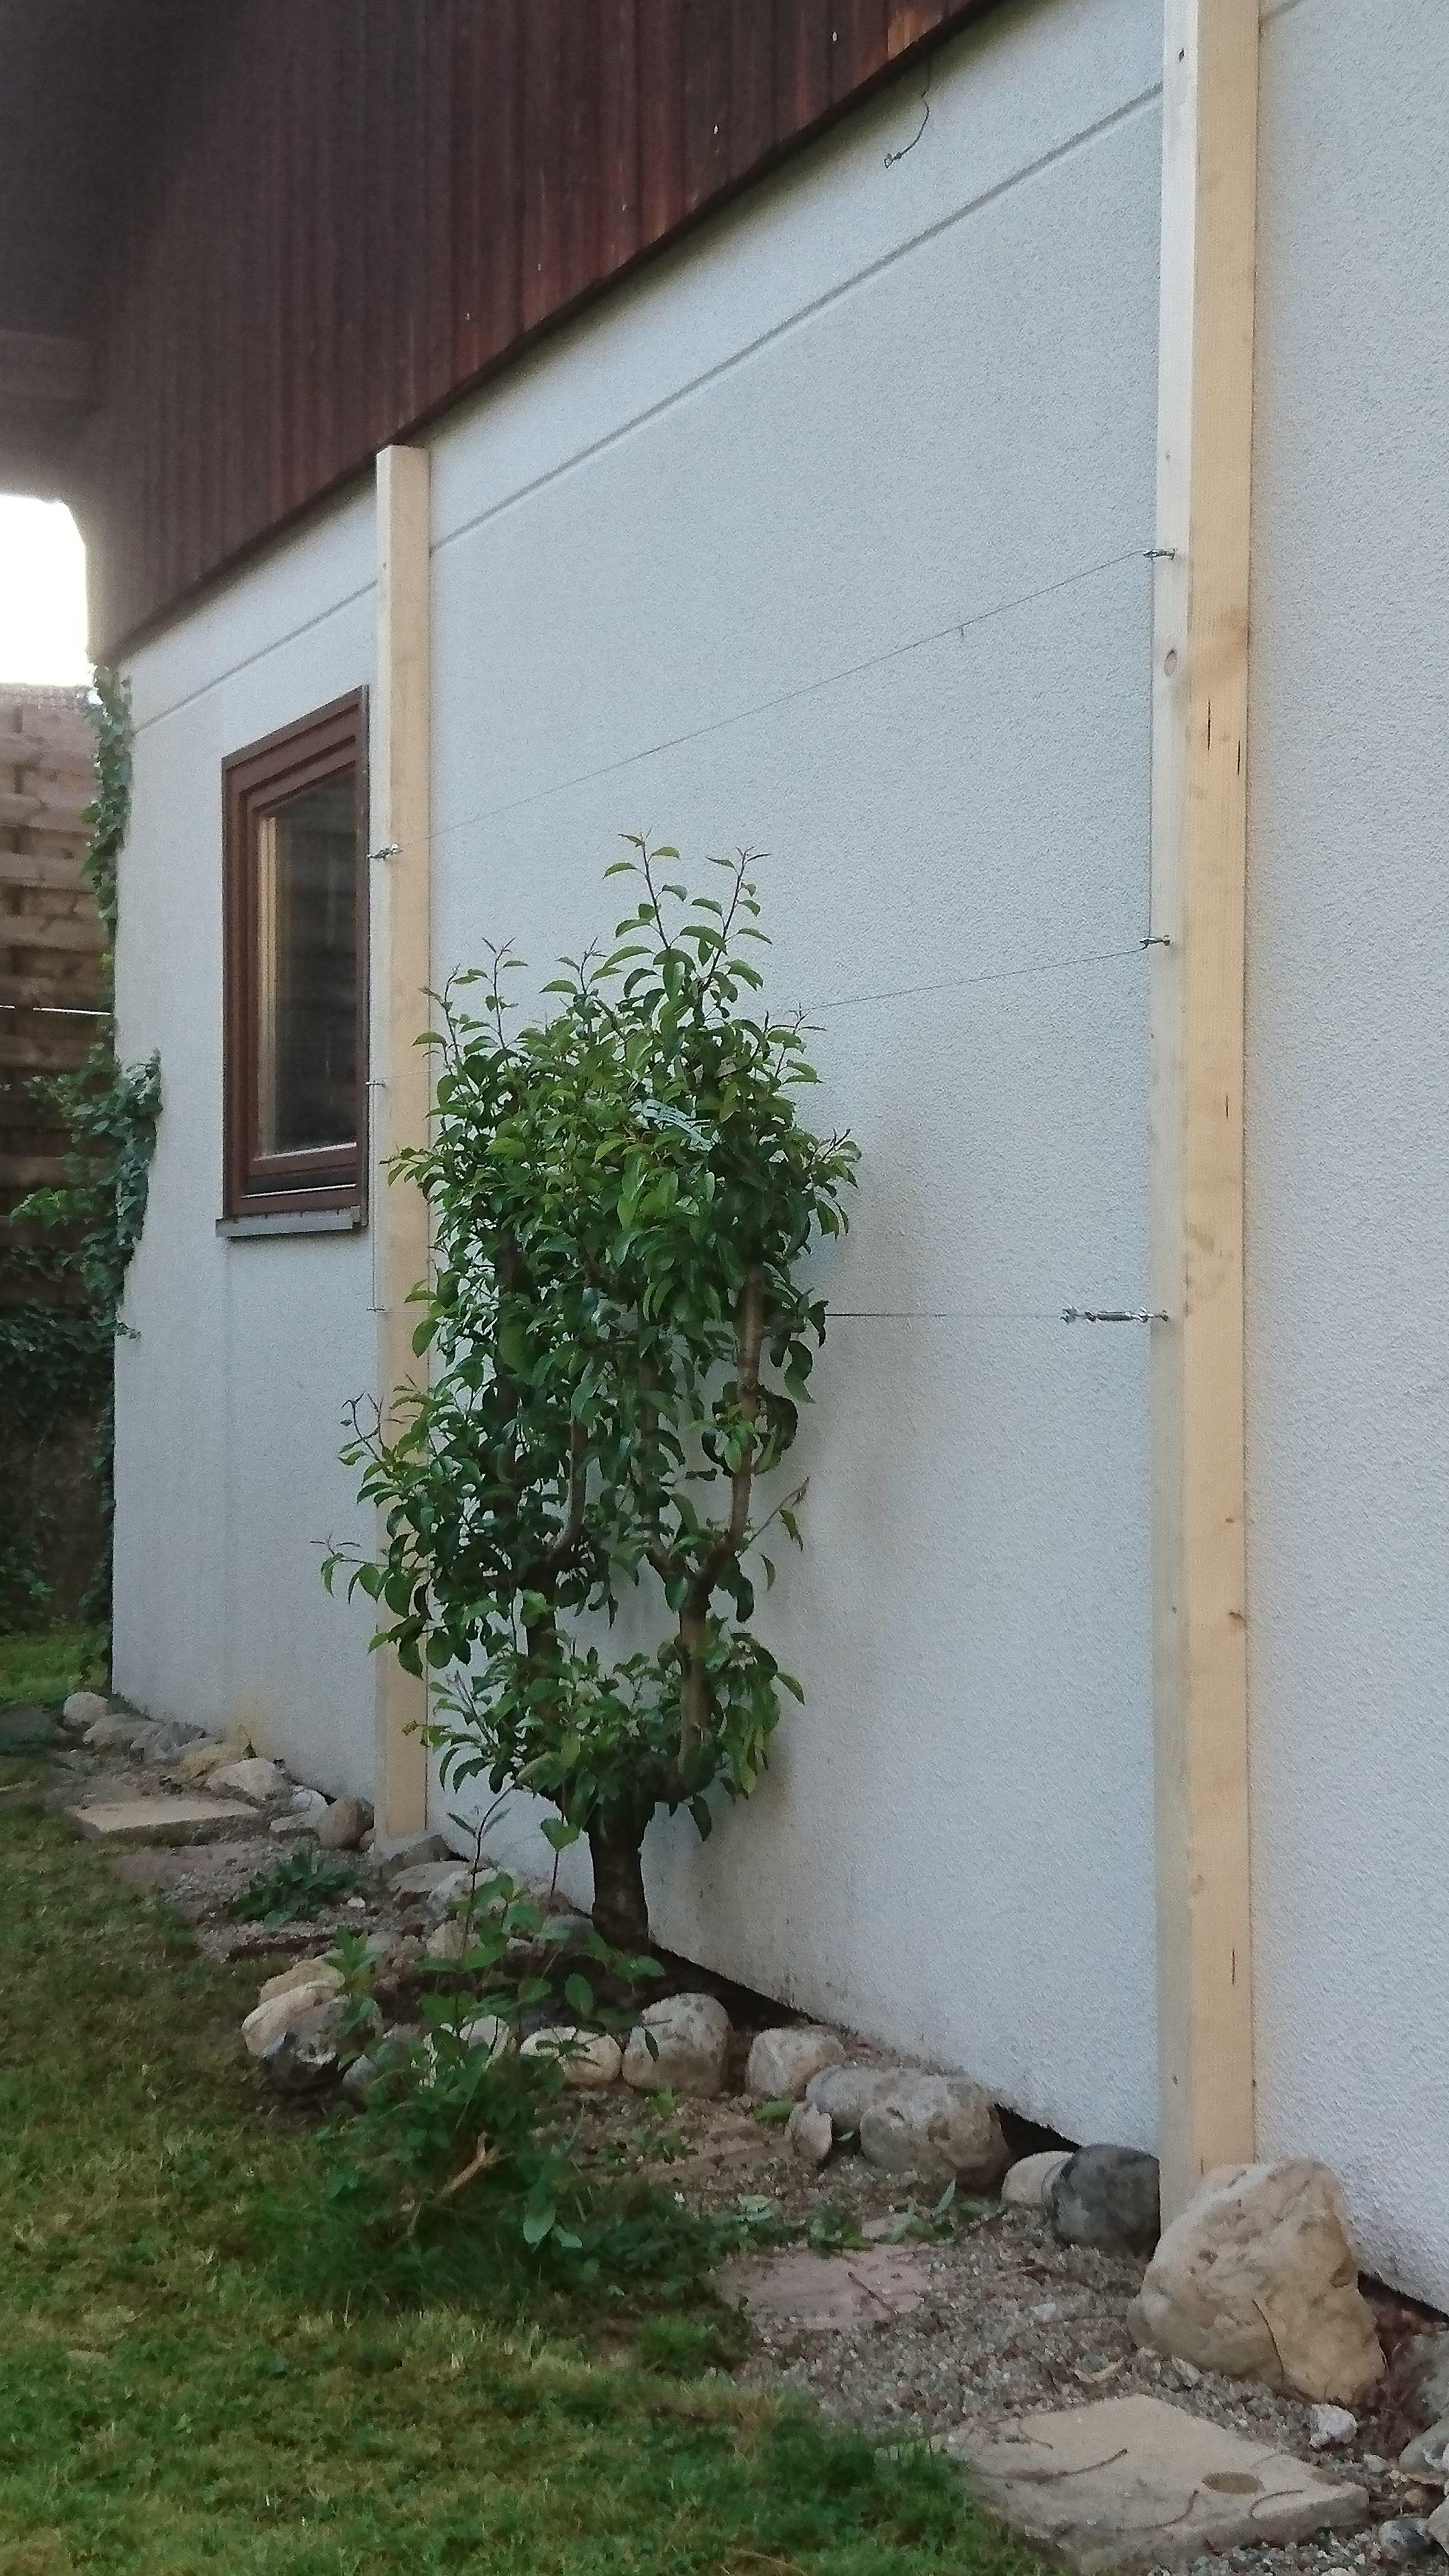 Bepflanzung an Hausmauer